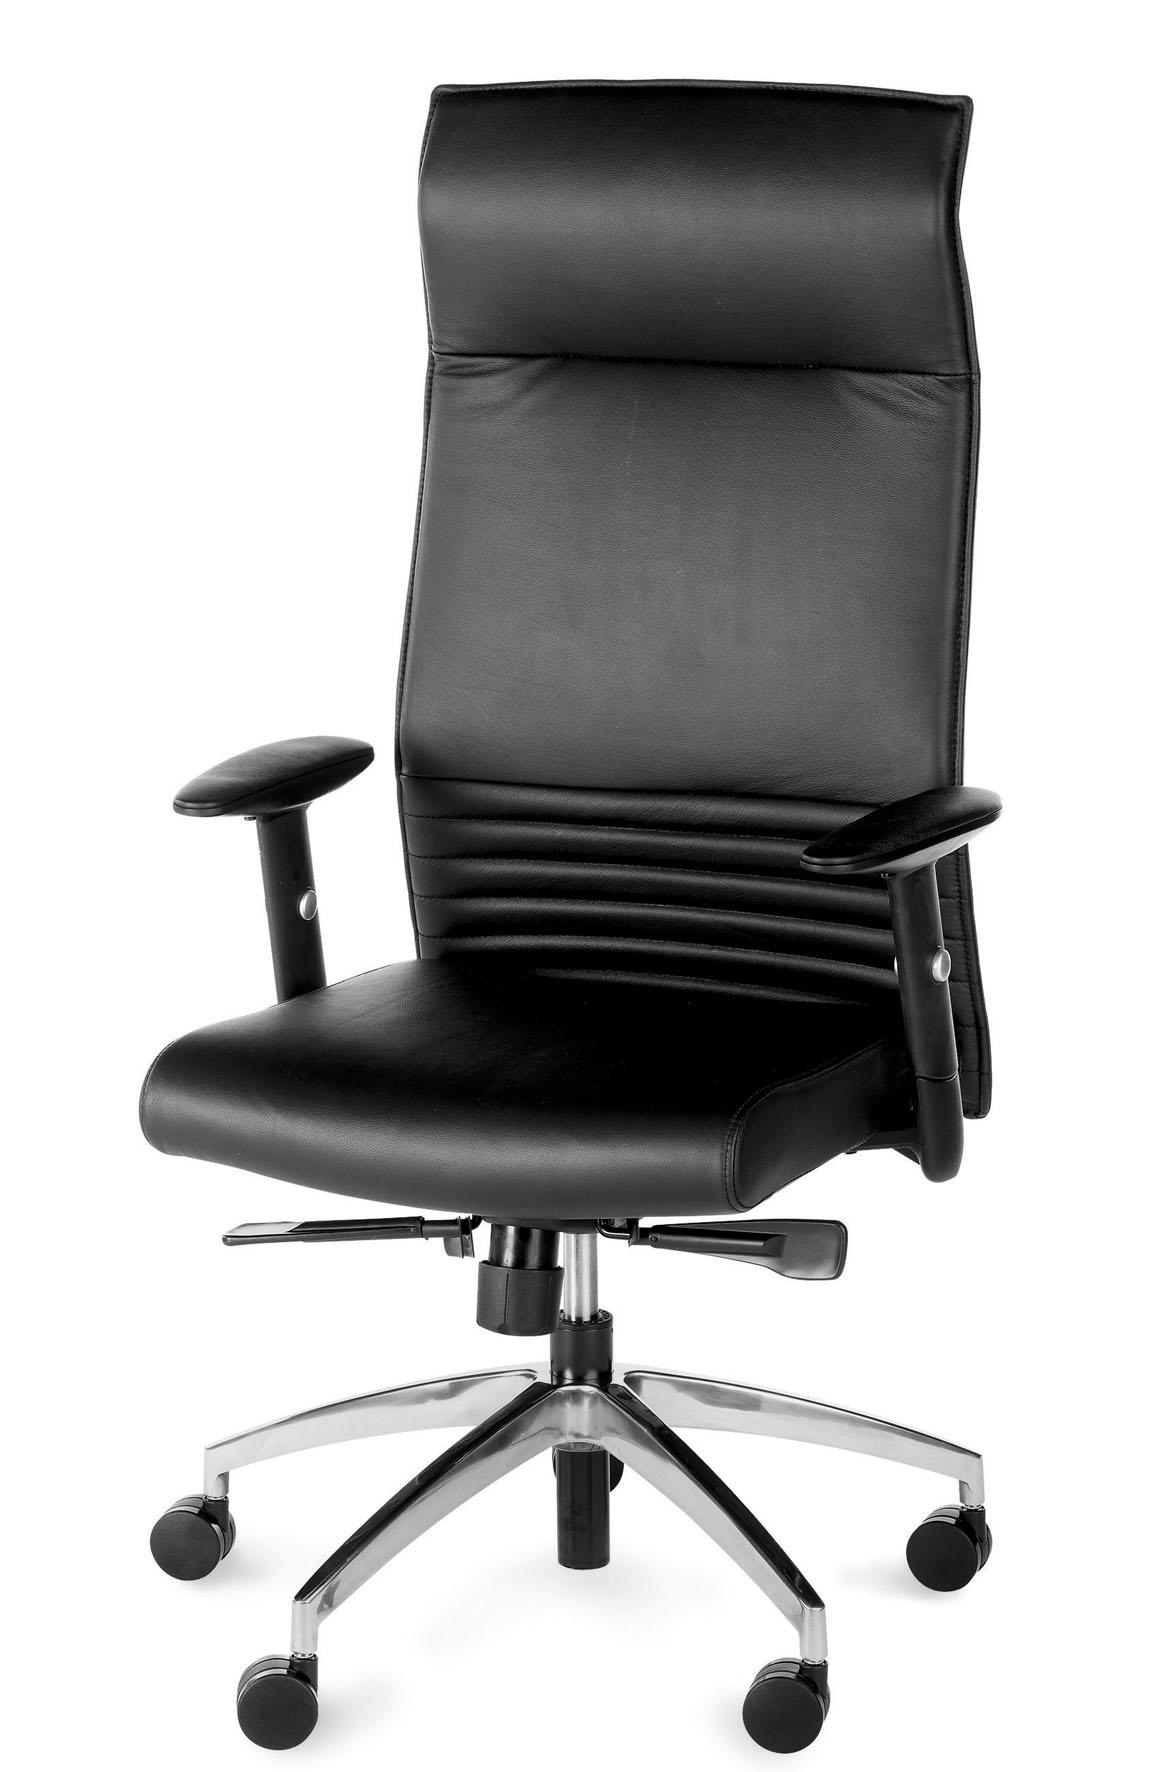 Fauteuil pr sident conception d 39 espaces de travail et for Fourniture et mobilier de bureau